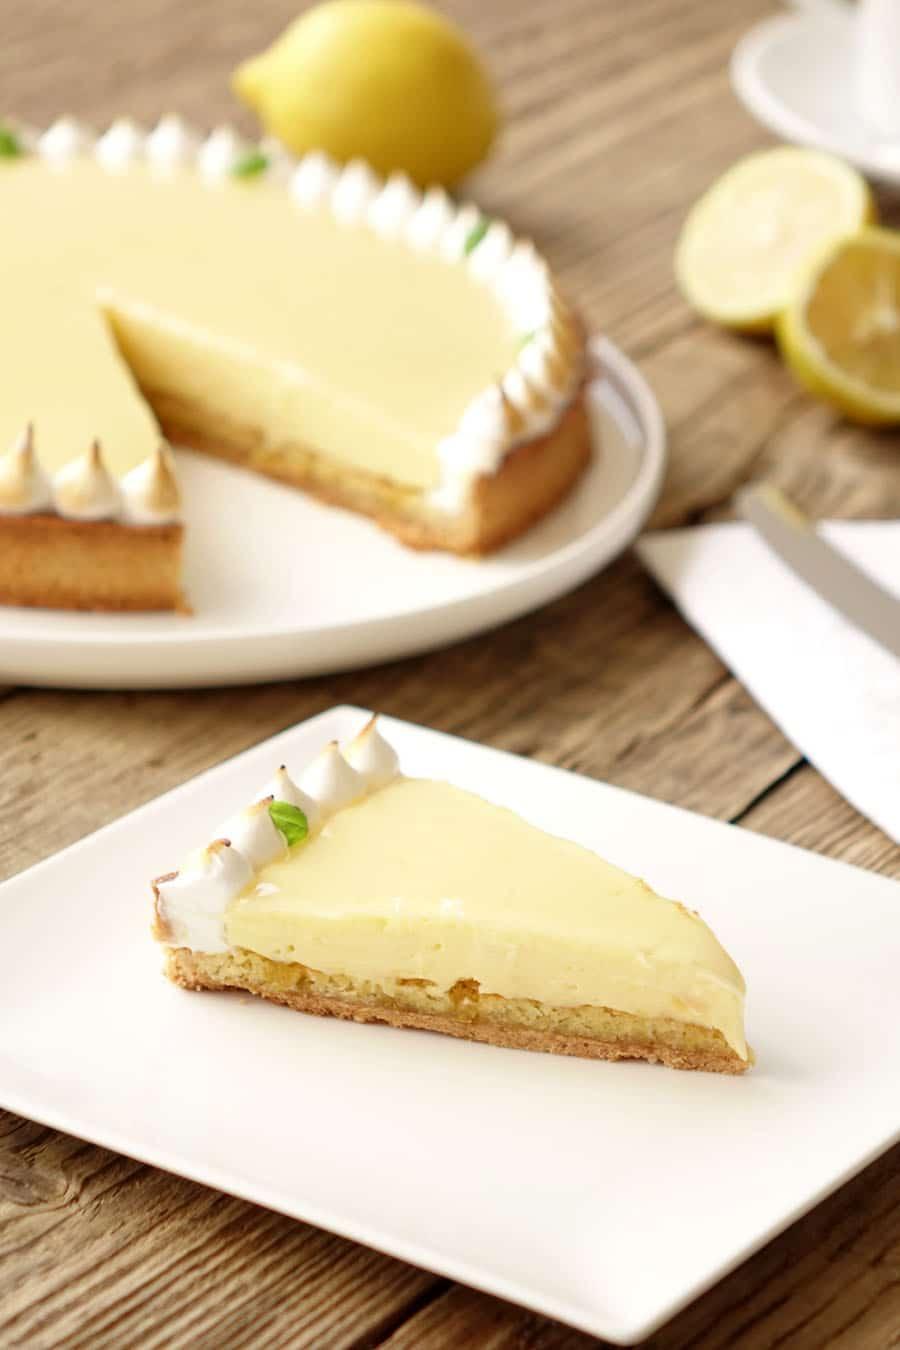 Recette de la tarte au citron